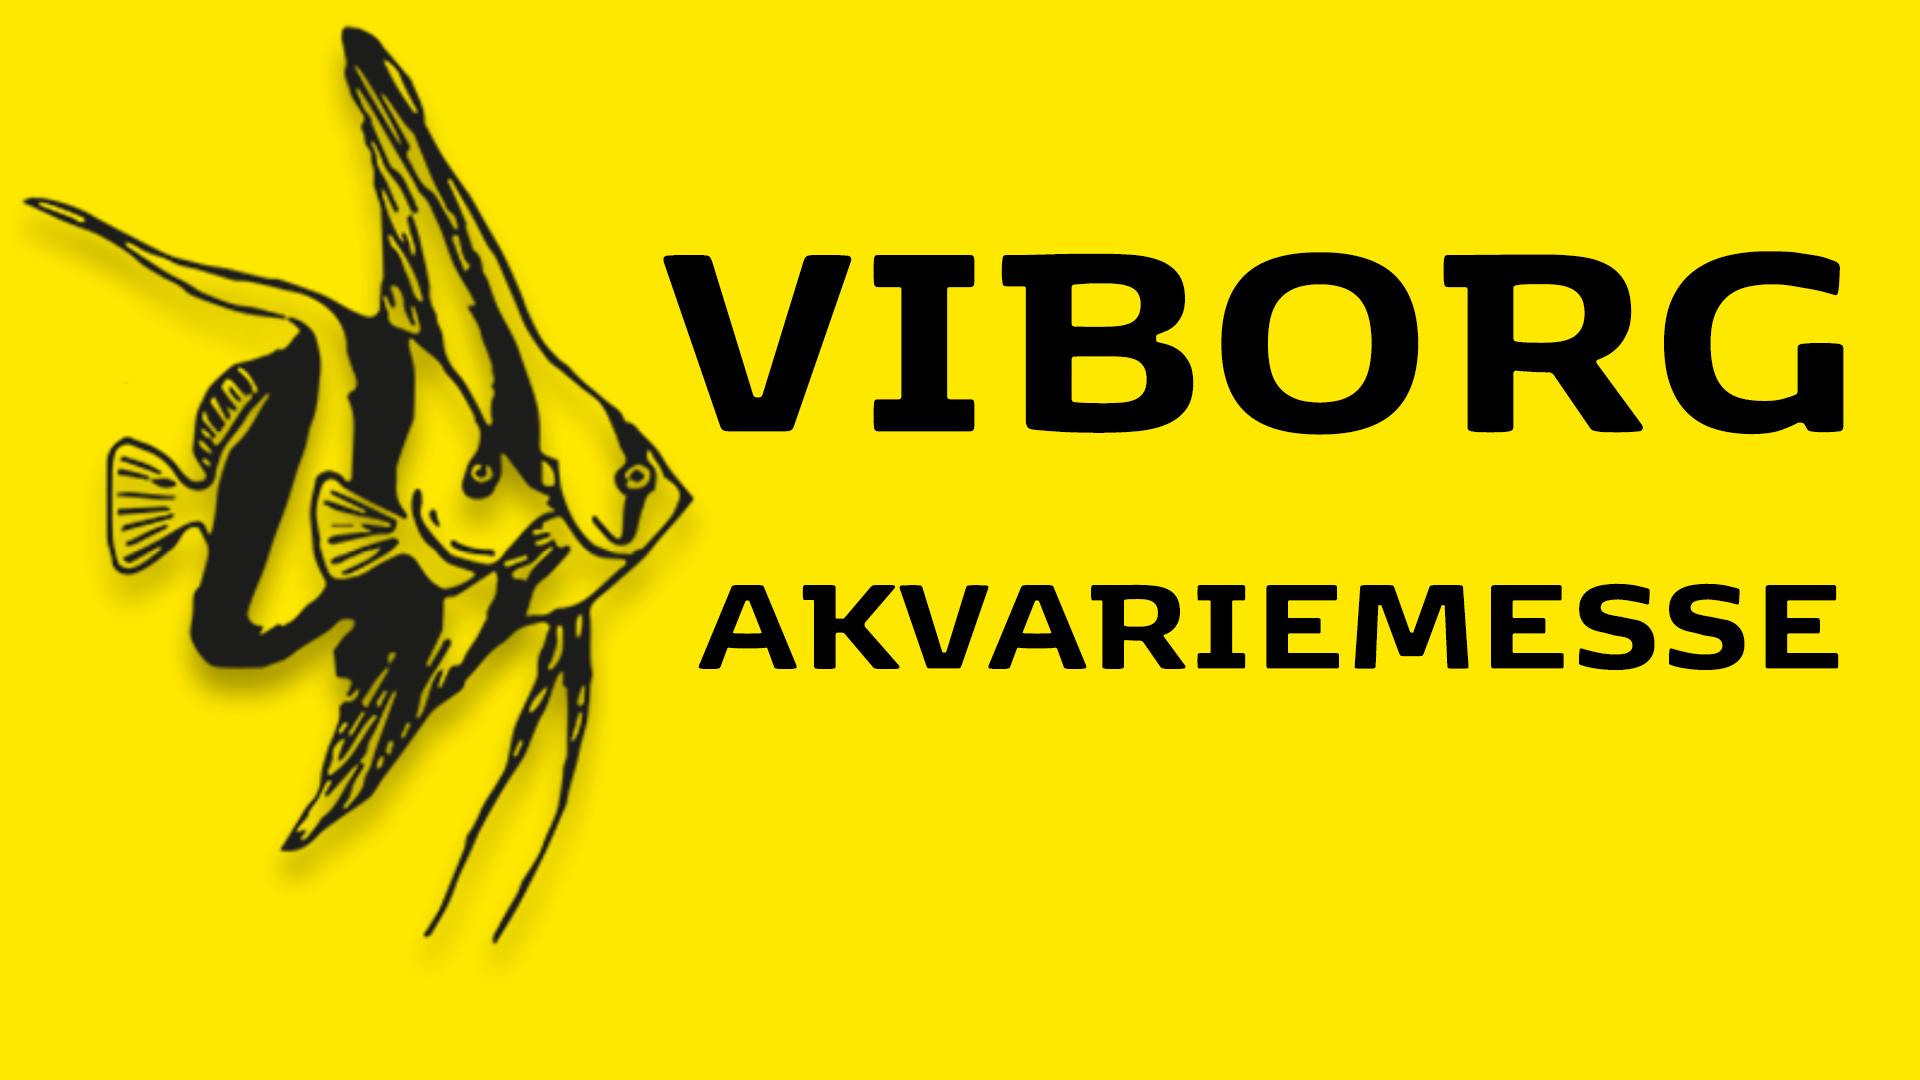 Viborg Akvariemesse